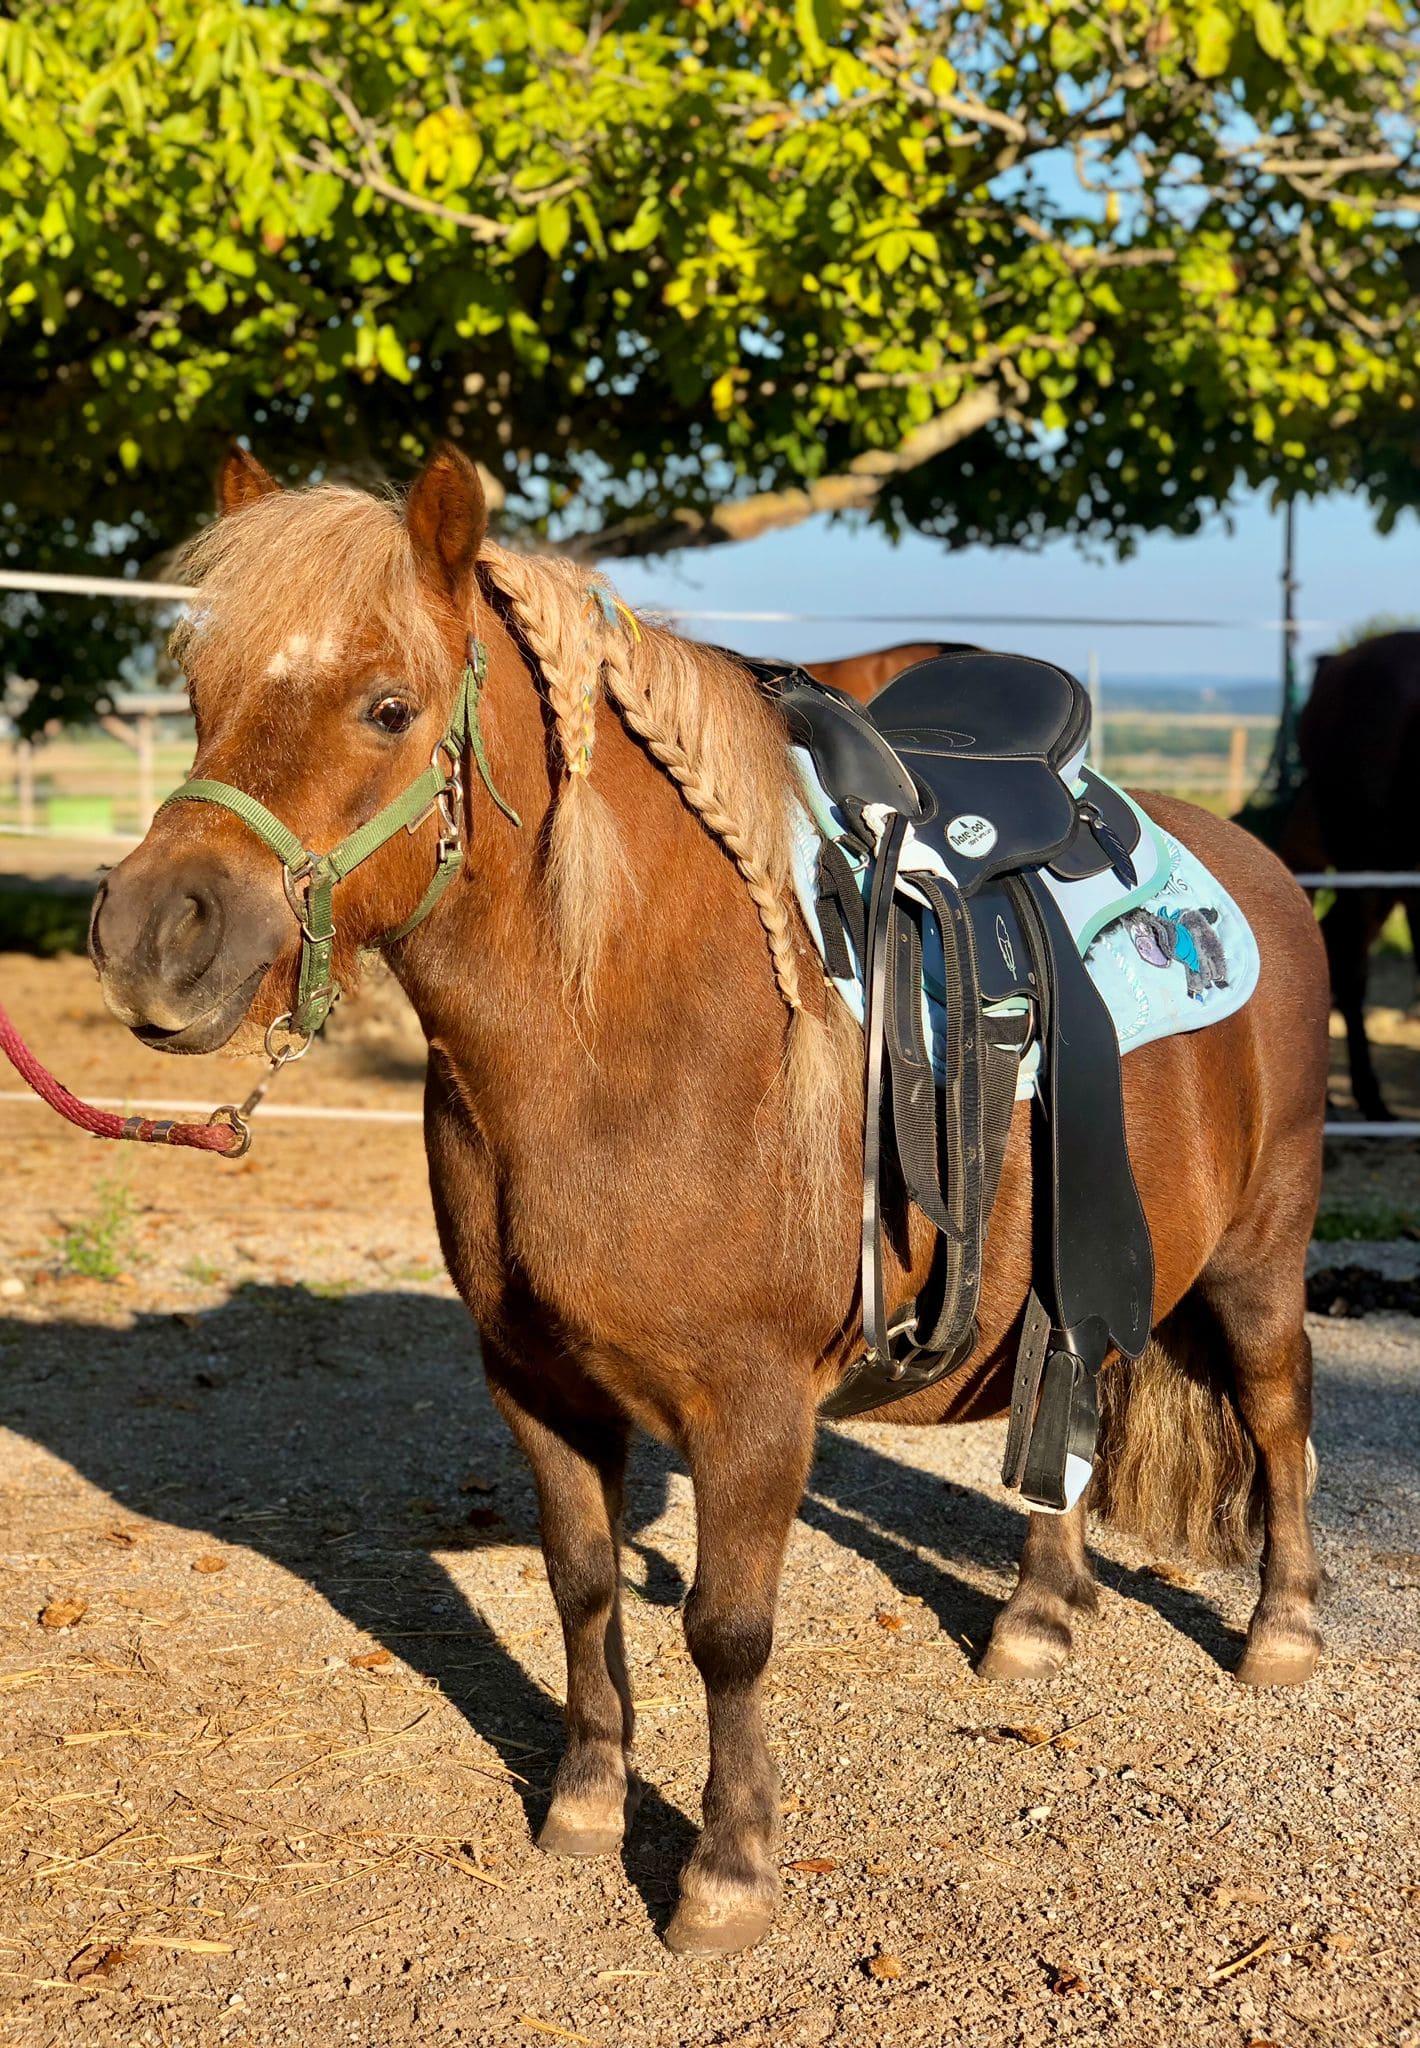 Pferde in Not-Ausrüstung Check